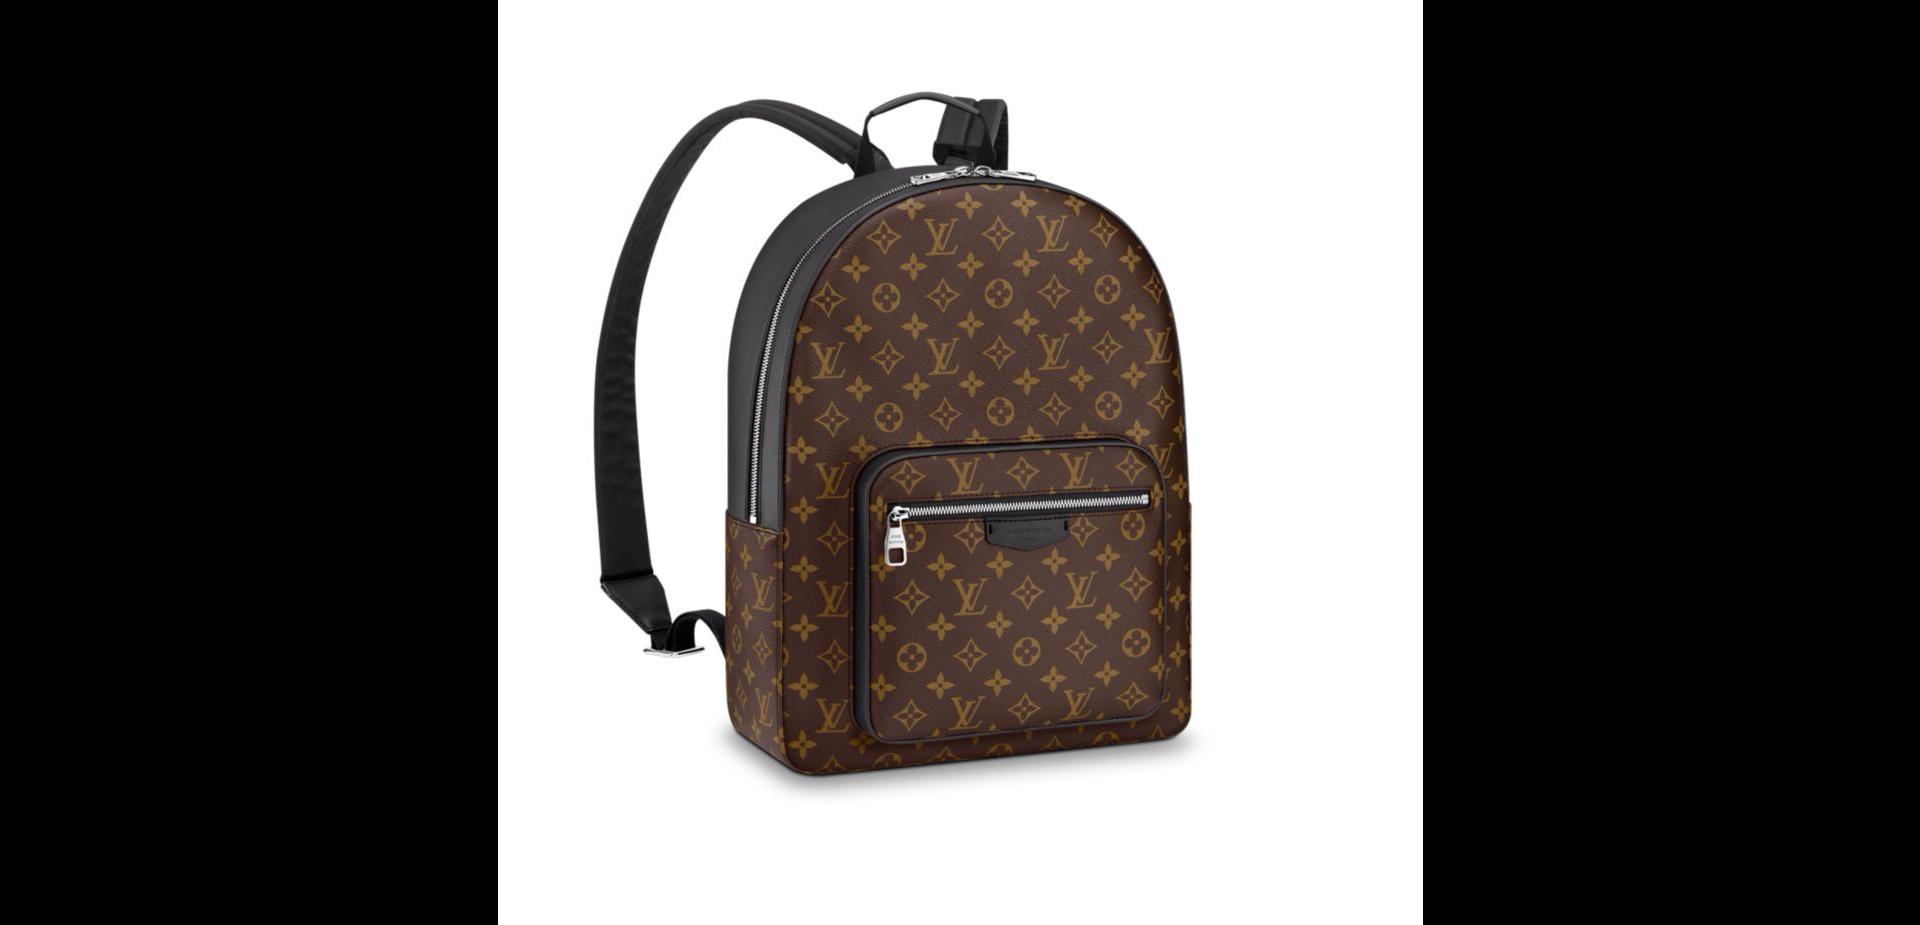 Hot Selling Lv Handbag shoulder bag wallet leather bag